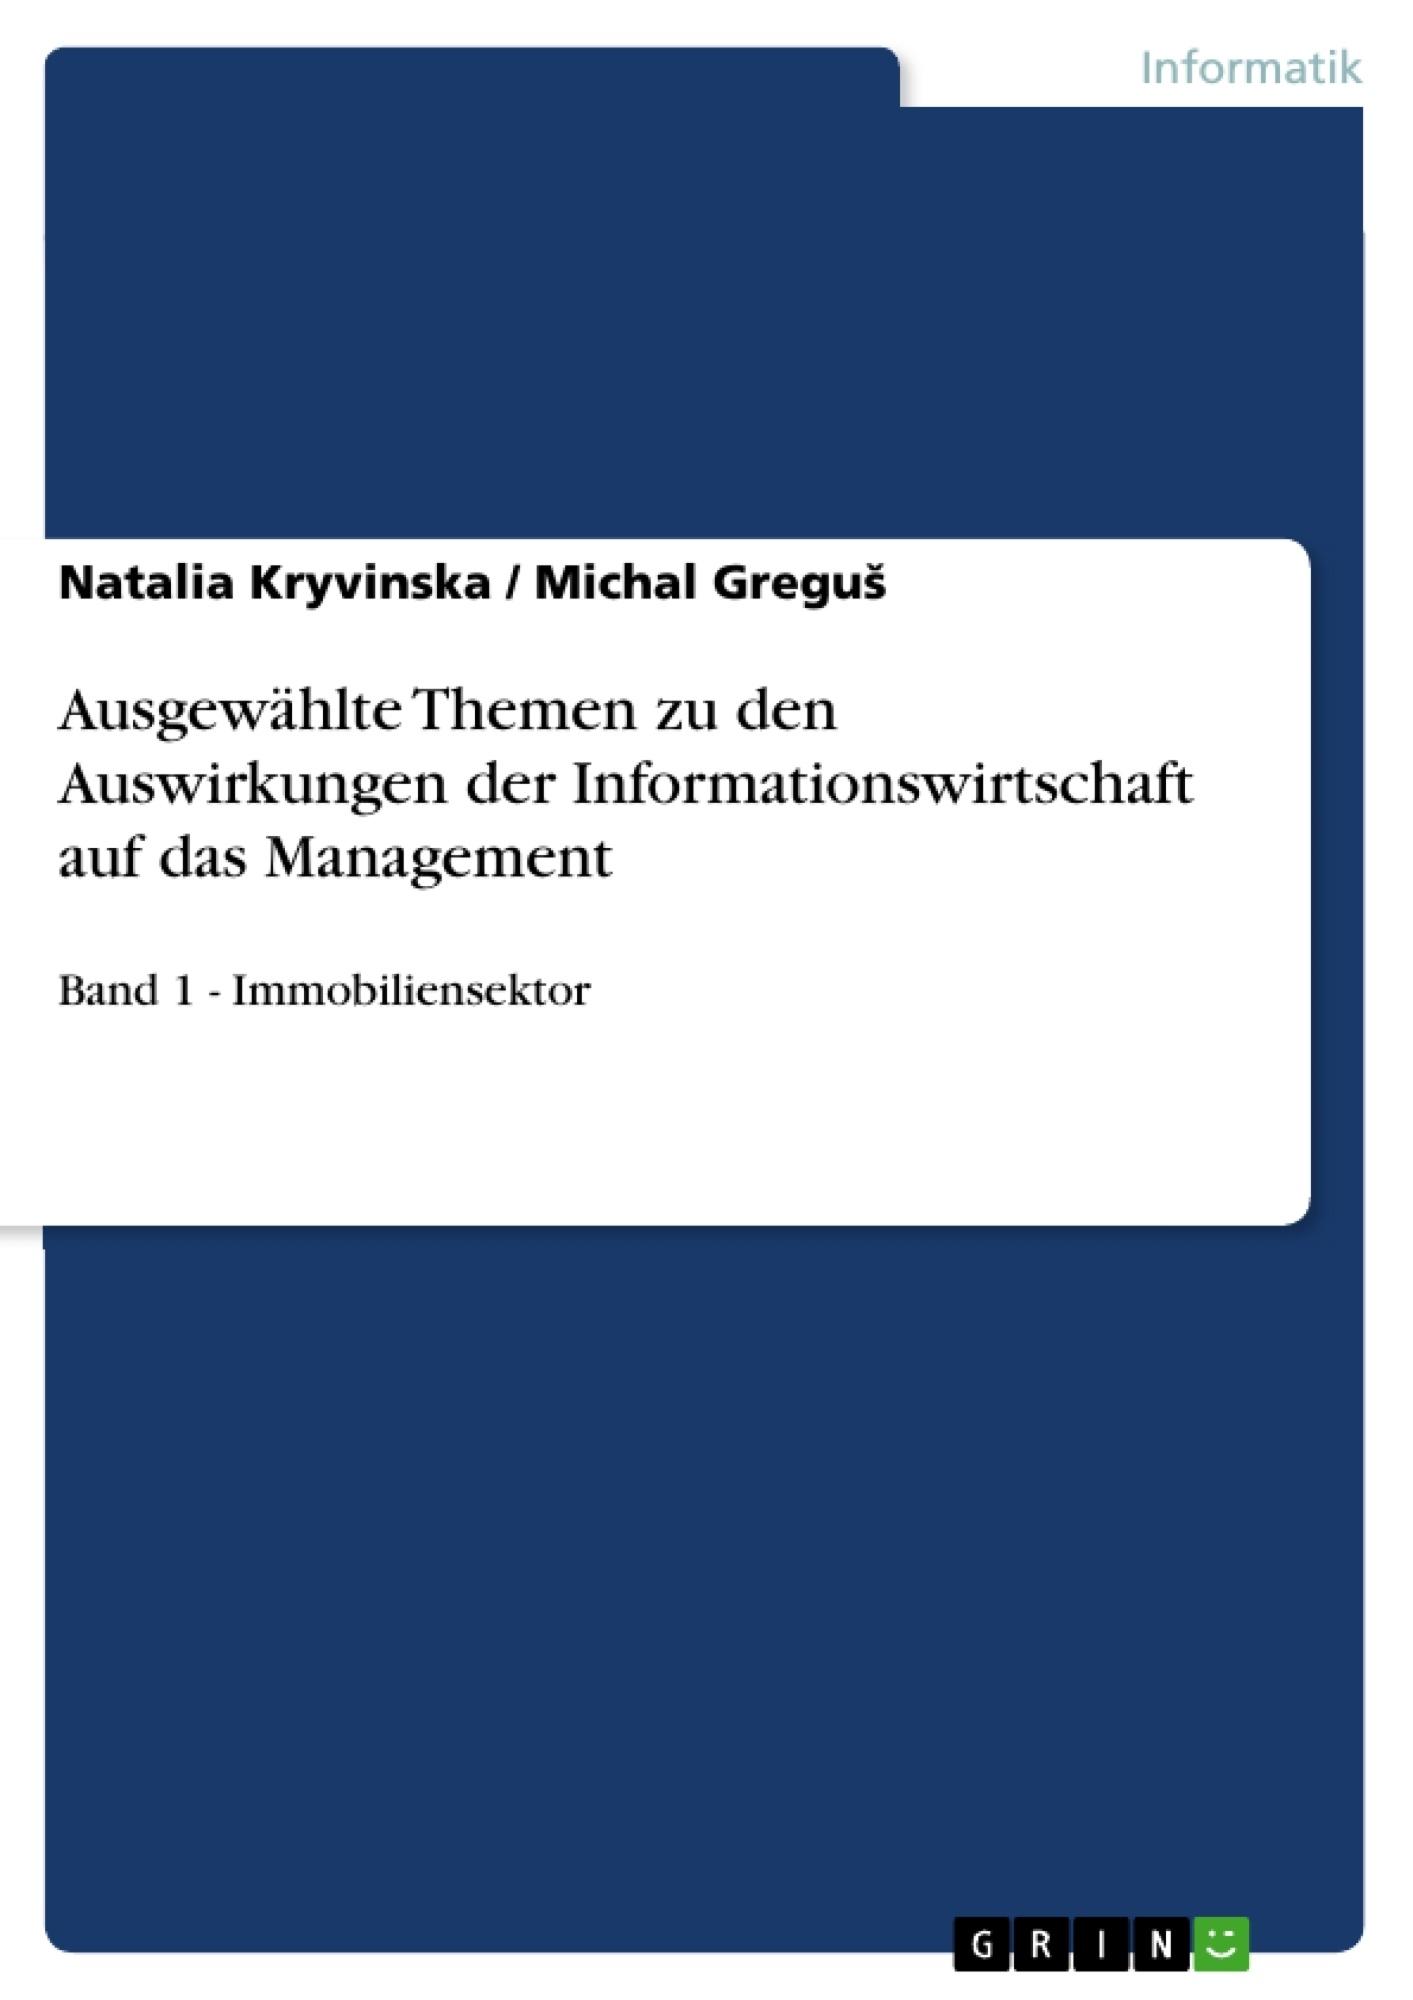 Titel: Ausgewählte Themen zu den Auswirkungen der Informationswirtschaft auf das Management